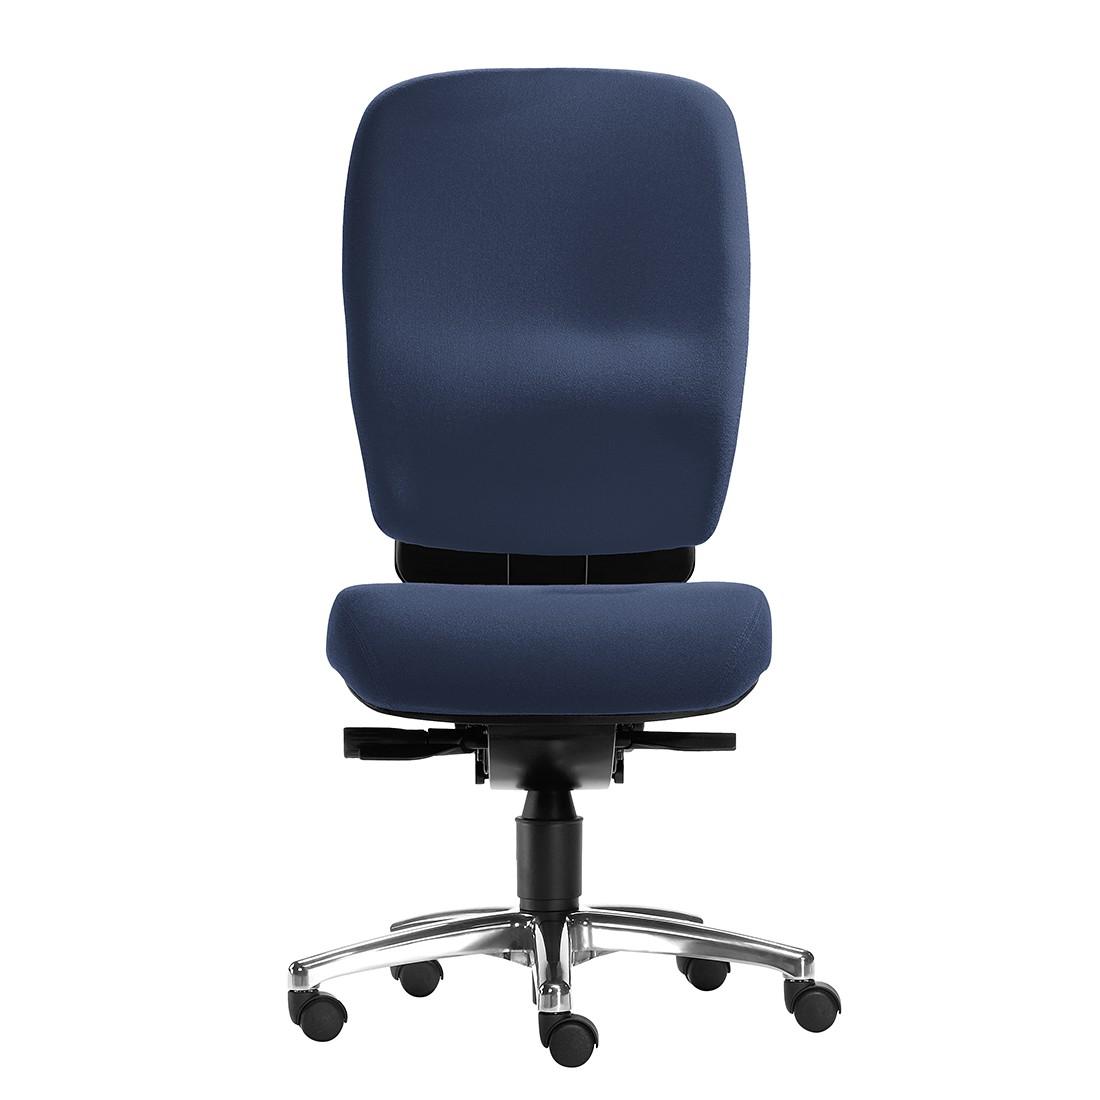 Bürodrehstuhl Office SY 1500 M – Ohne Armlehnen – Dunkelblau, 1000 Stühle Gernot-M. Steifensand günstig